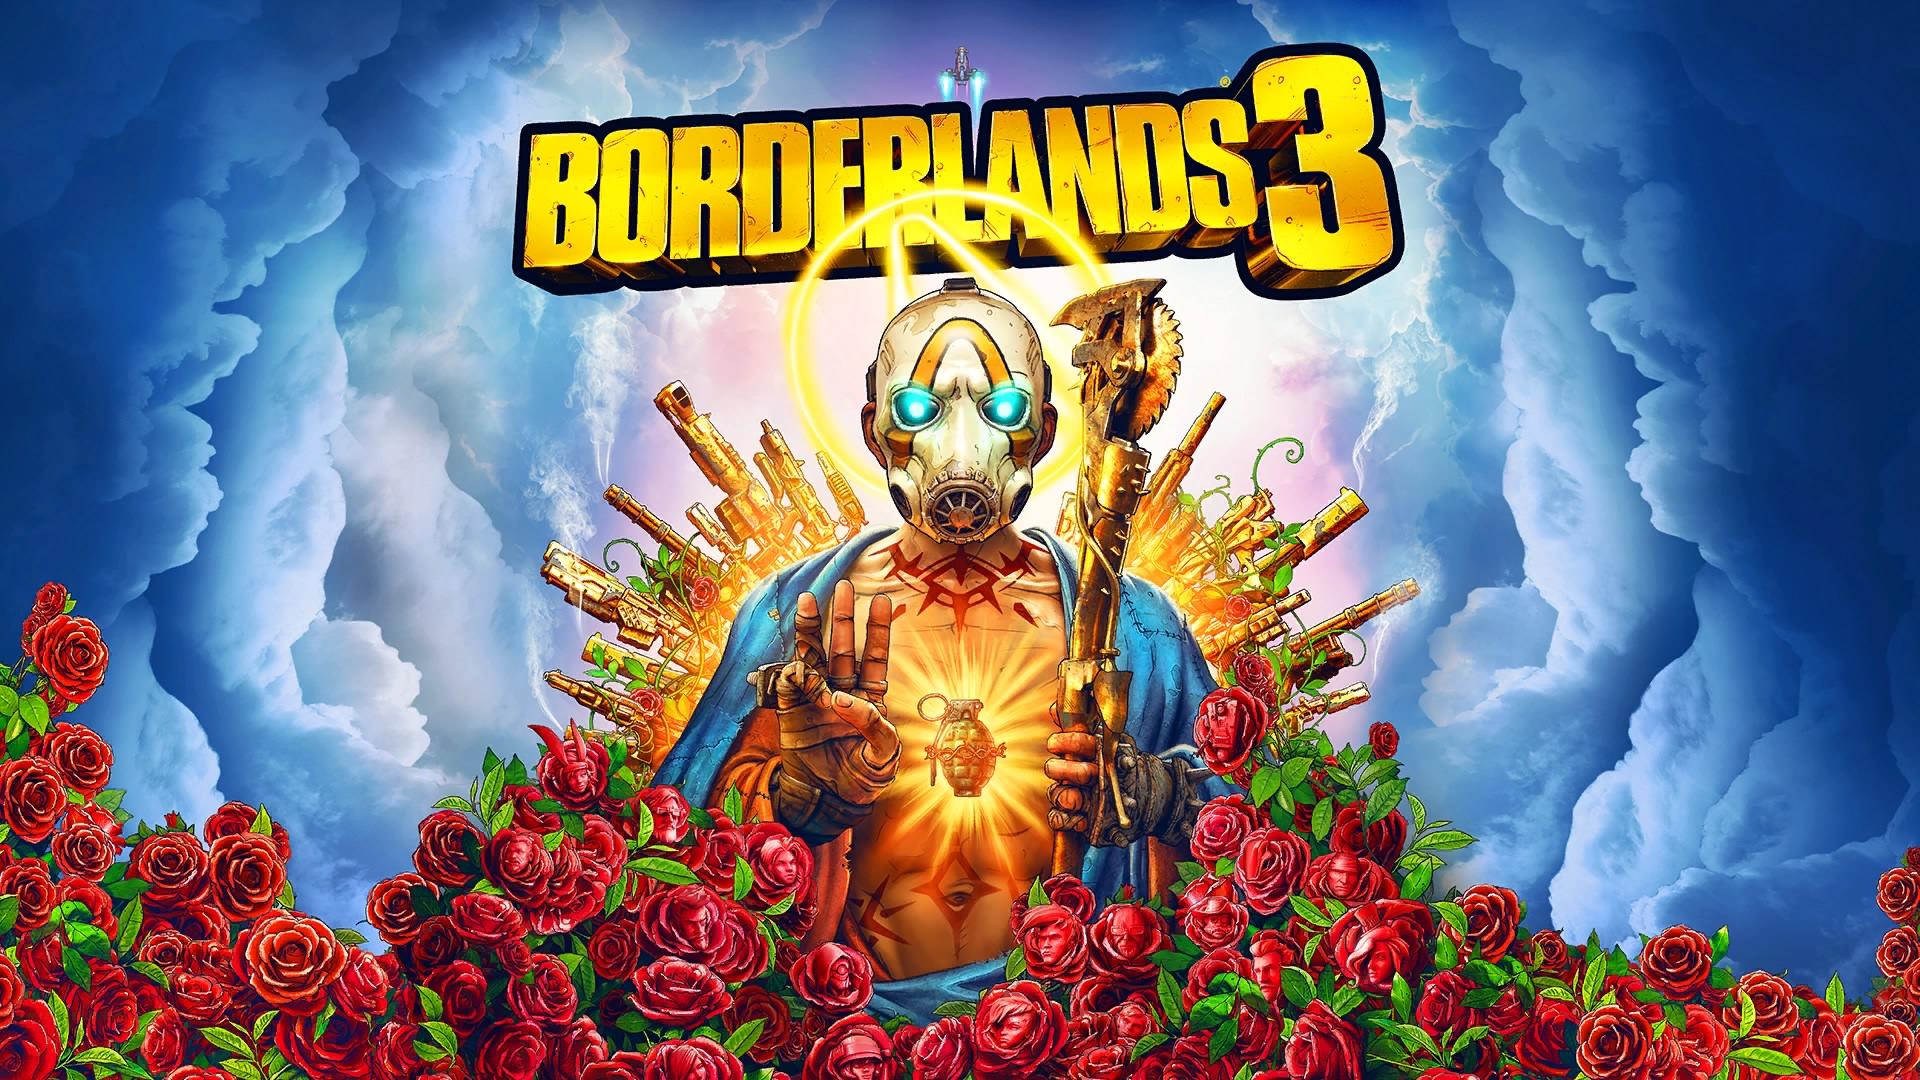 Borderlands 3: vamos fazer o caos!